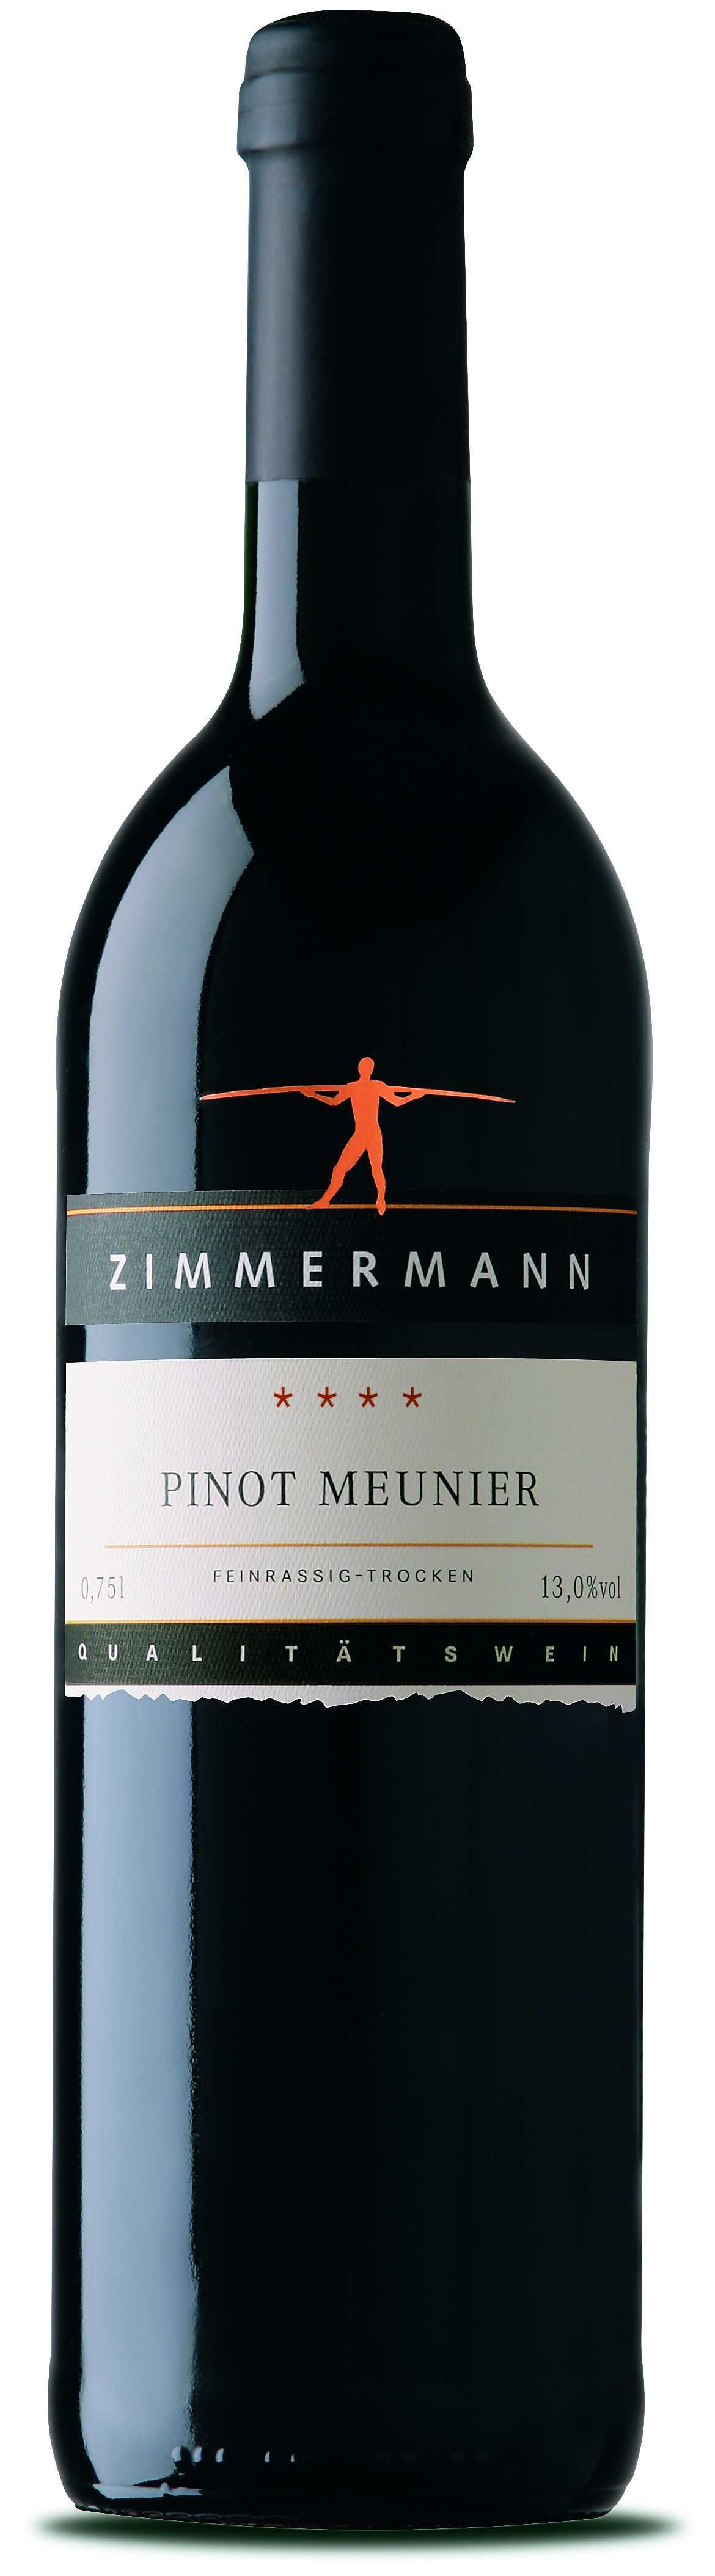 Zimmermann Pinot Meunier QbA trocken 0,75l (0,75 Liter) Zimmermann ...